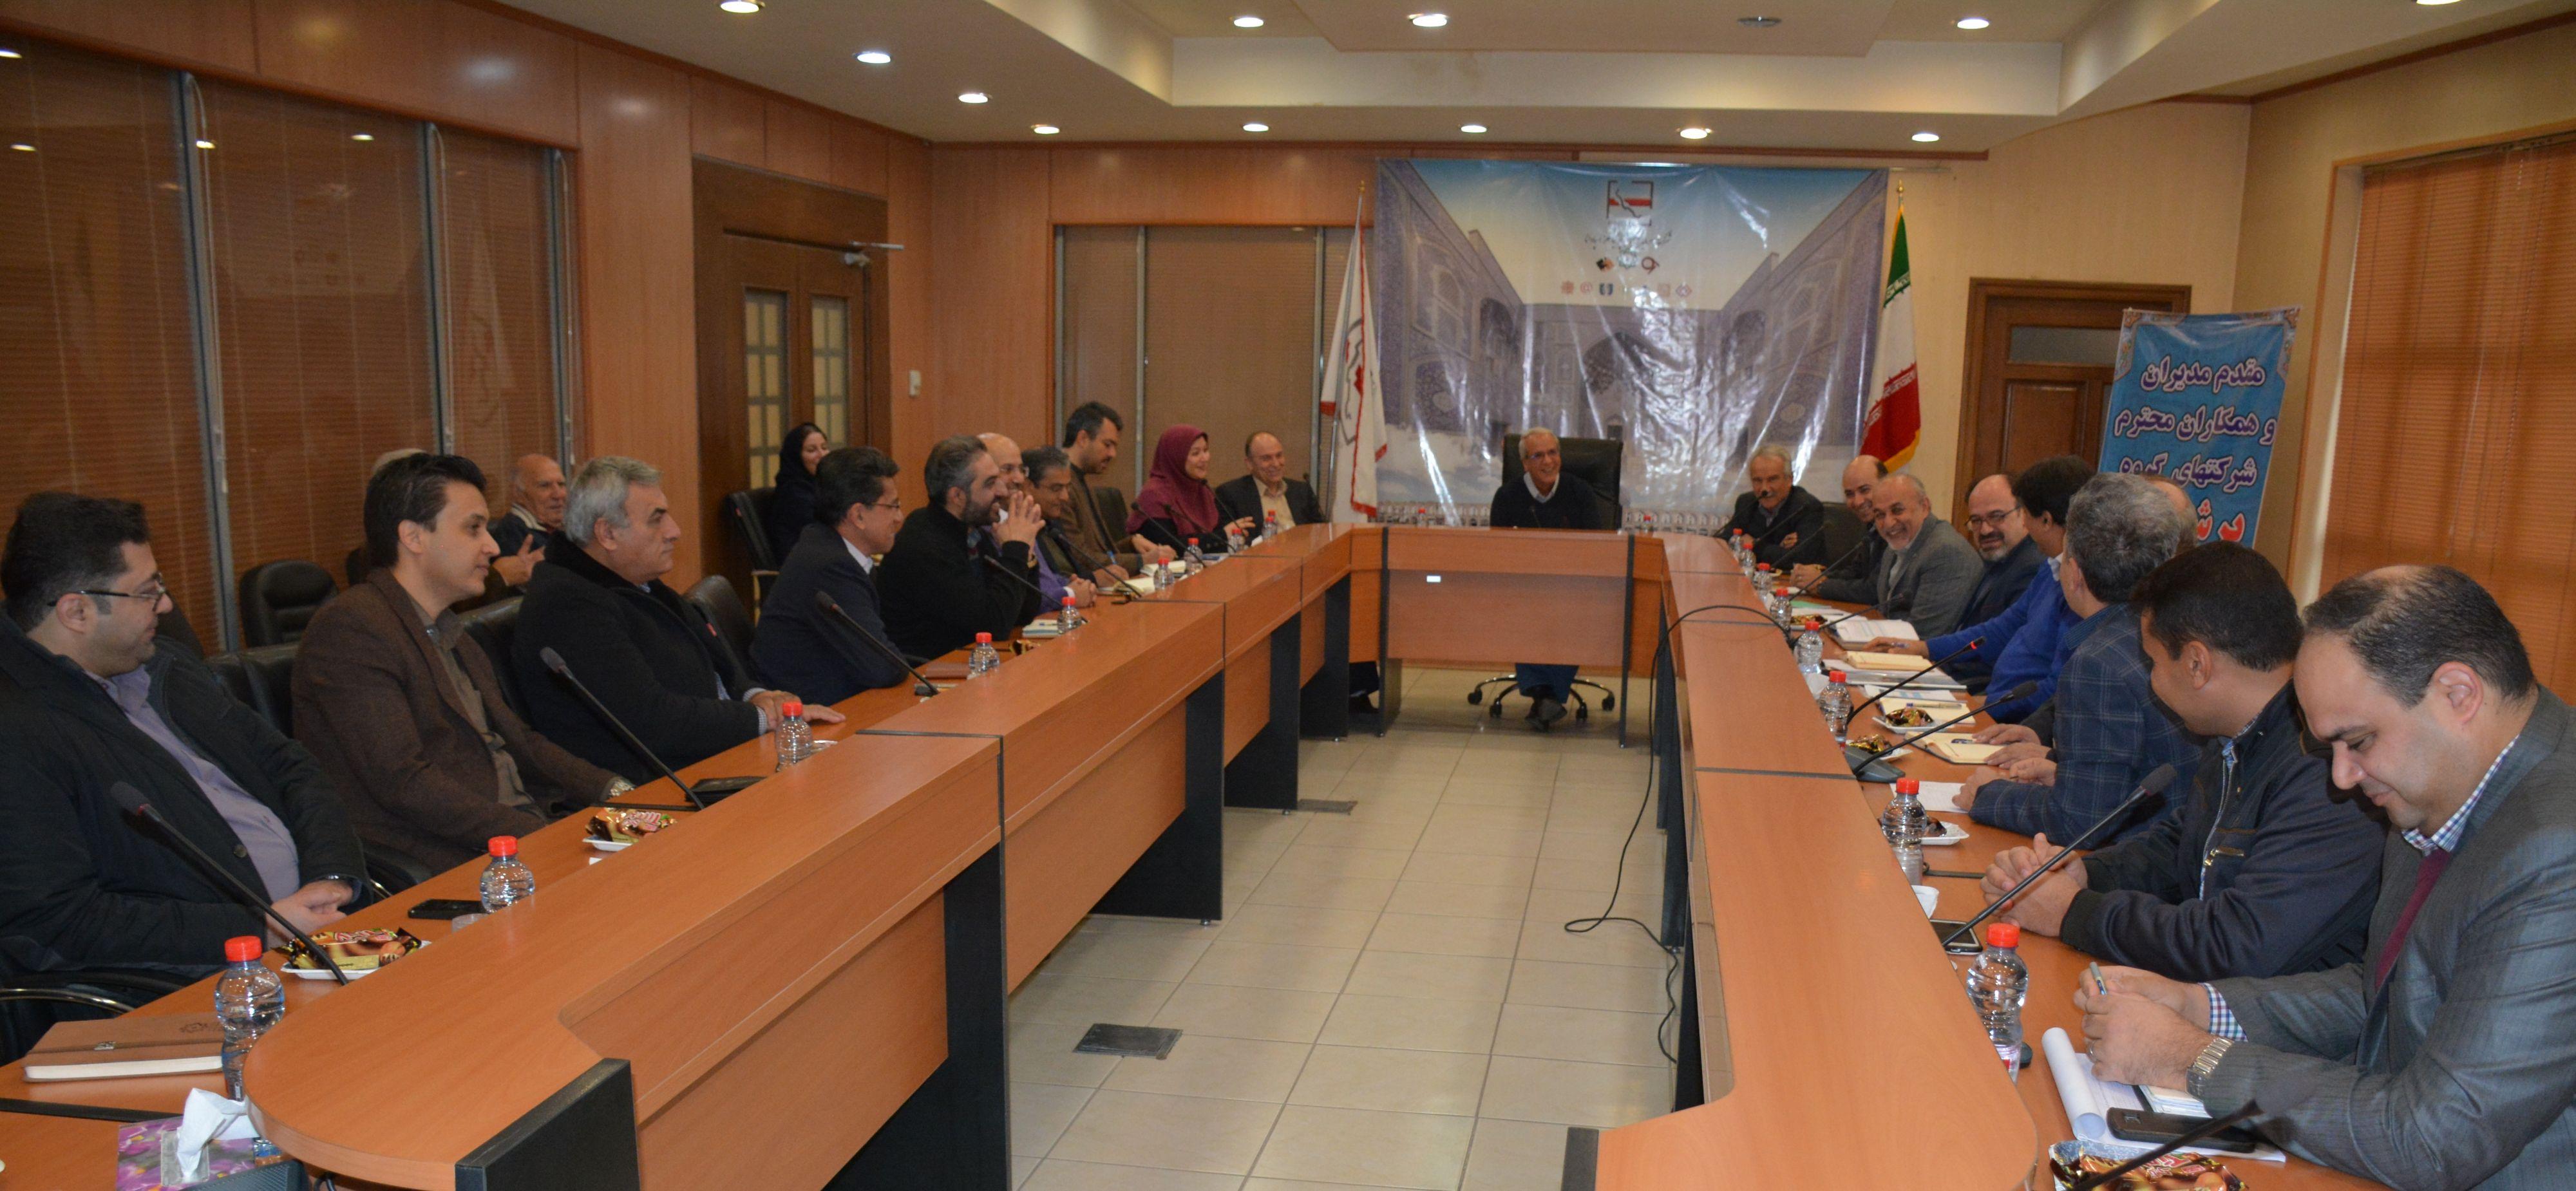 برگزاری بیست و سومین  جلسه شورای راهبردی شرکت سرمایه گذاری پرشیا فلز